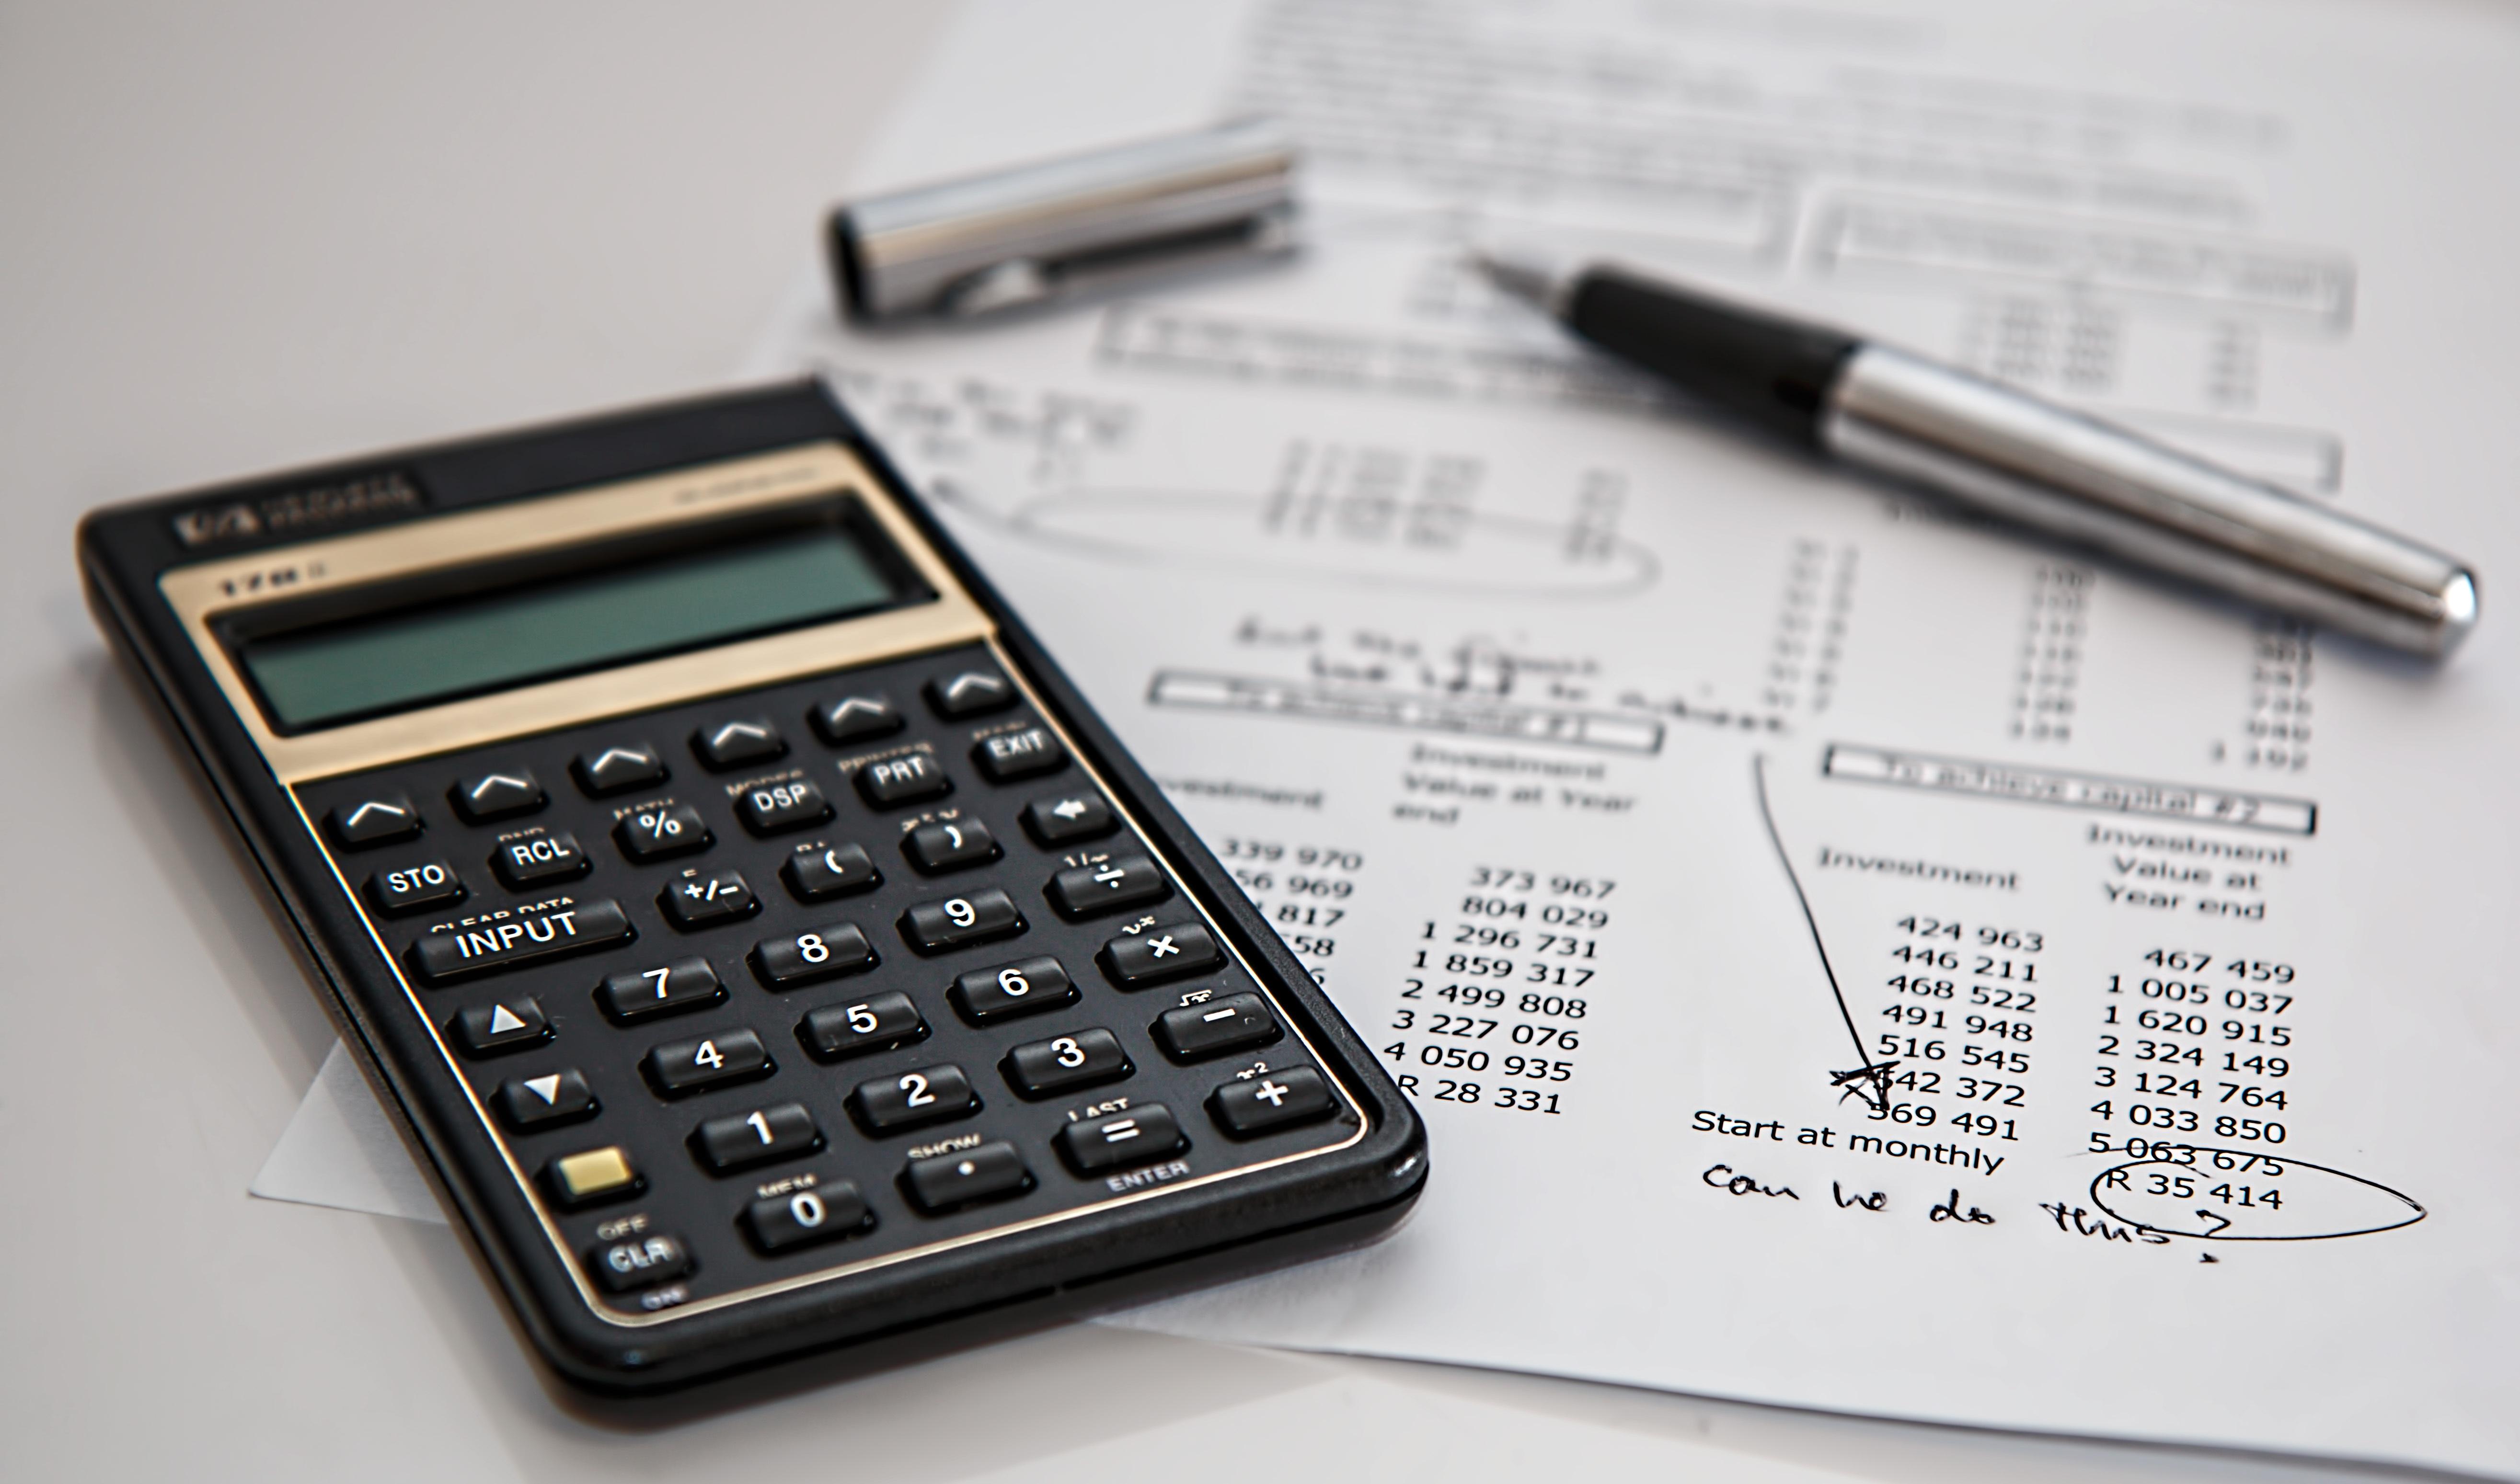 Calculator with balance sheet